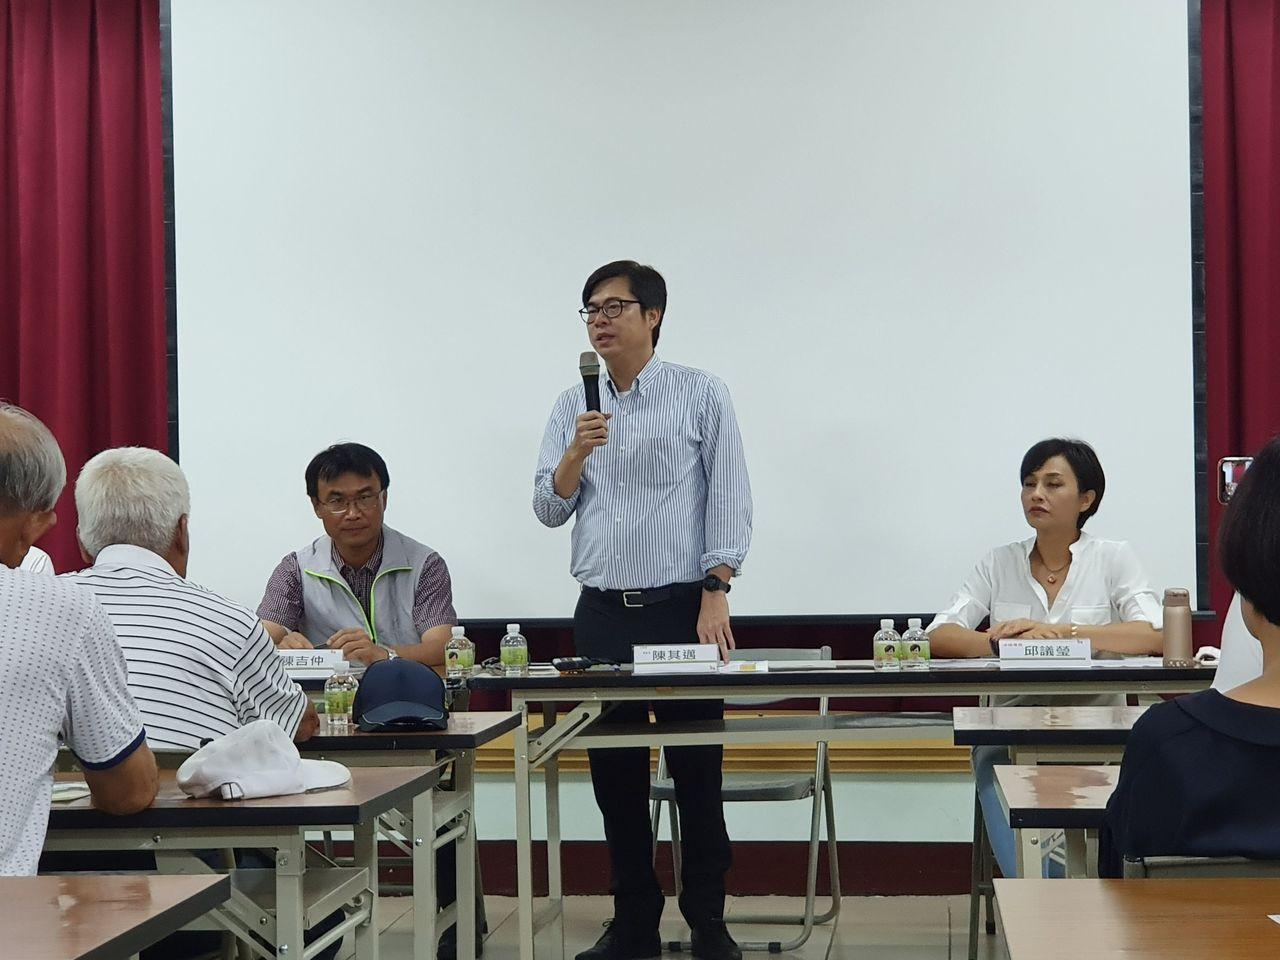 行政院副院長陳其邁今午在美濃區與農民座談,針對防颱一事,強調紮紮實實的做比較好。...